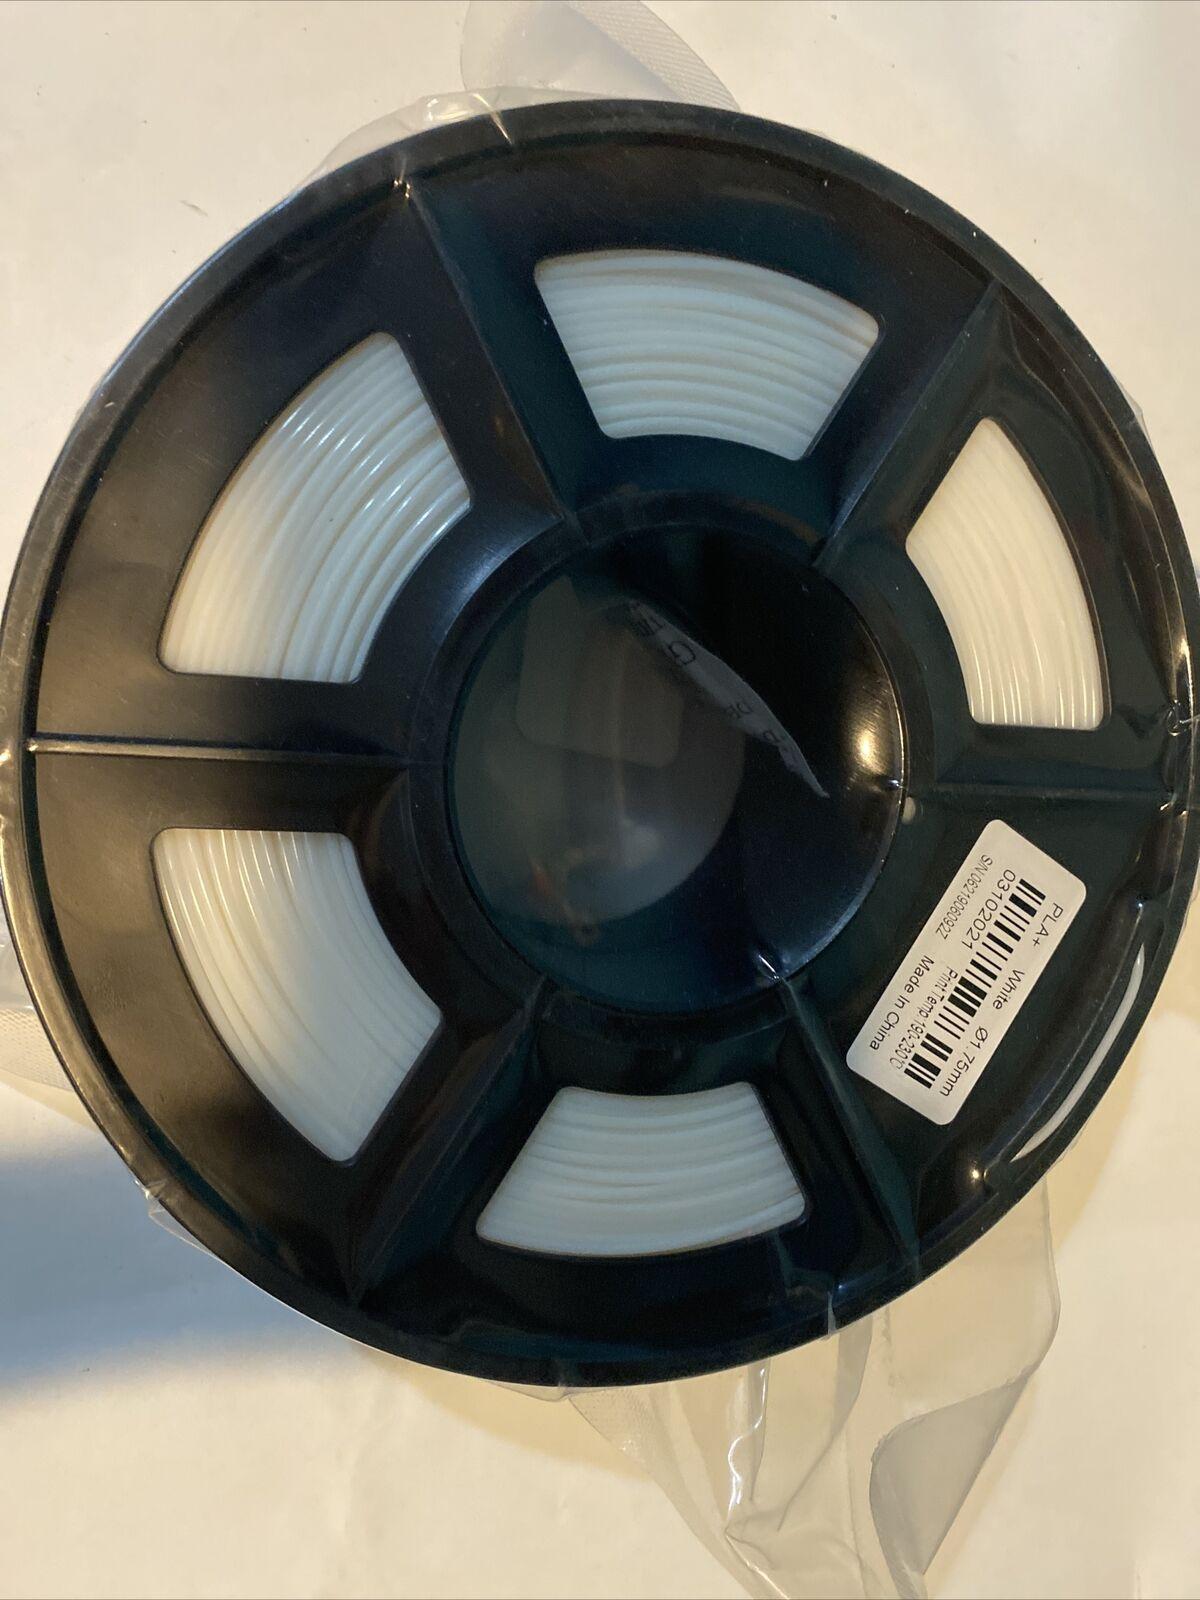 SUNLU TPU 3D Printer Filament 1.75mm 500G Black Rebound Flexible material